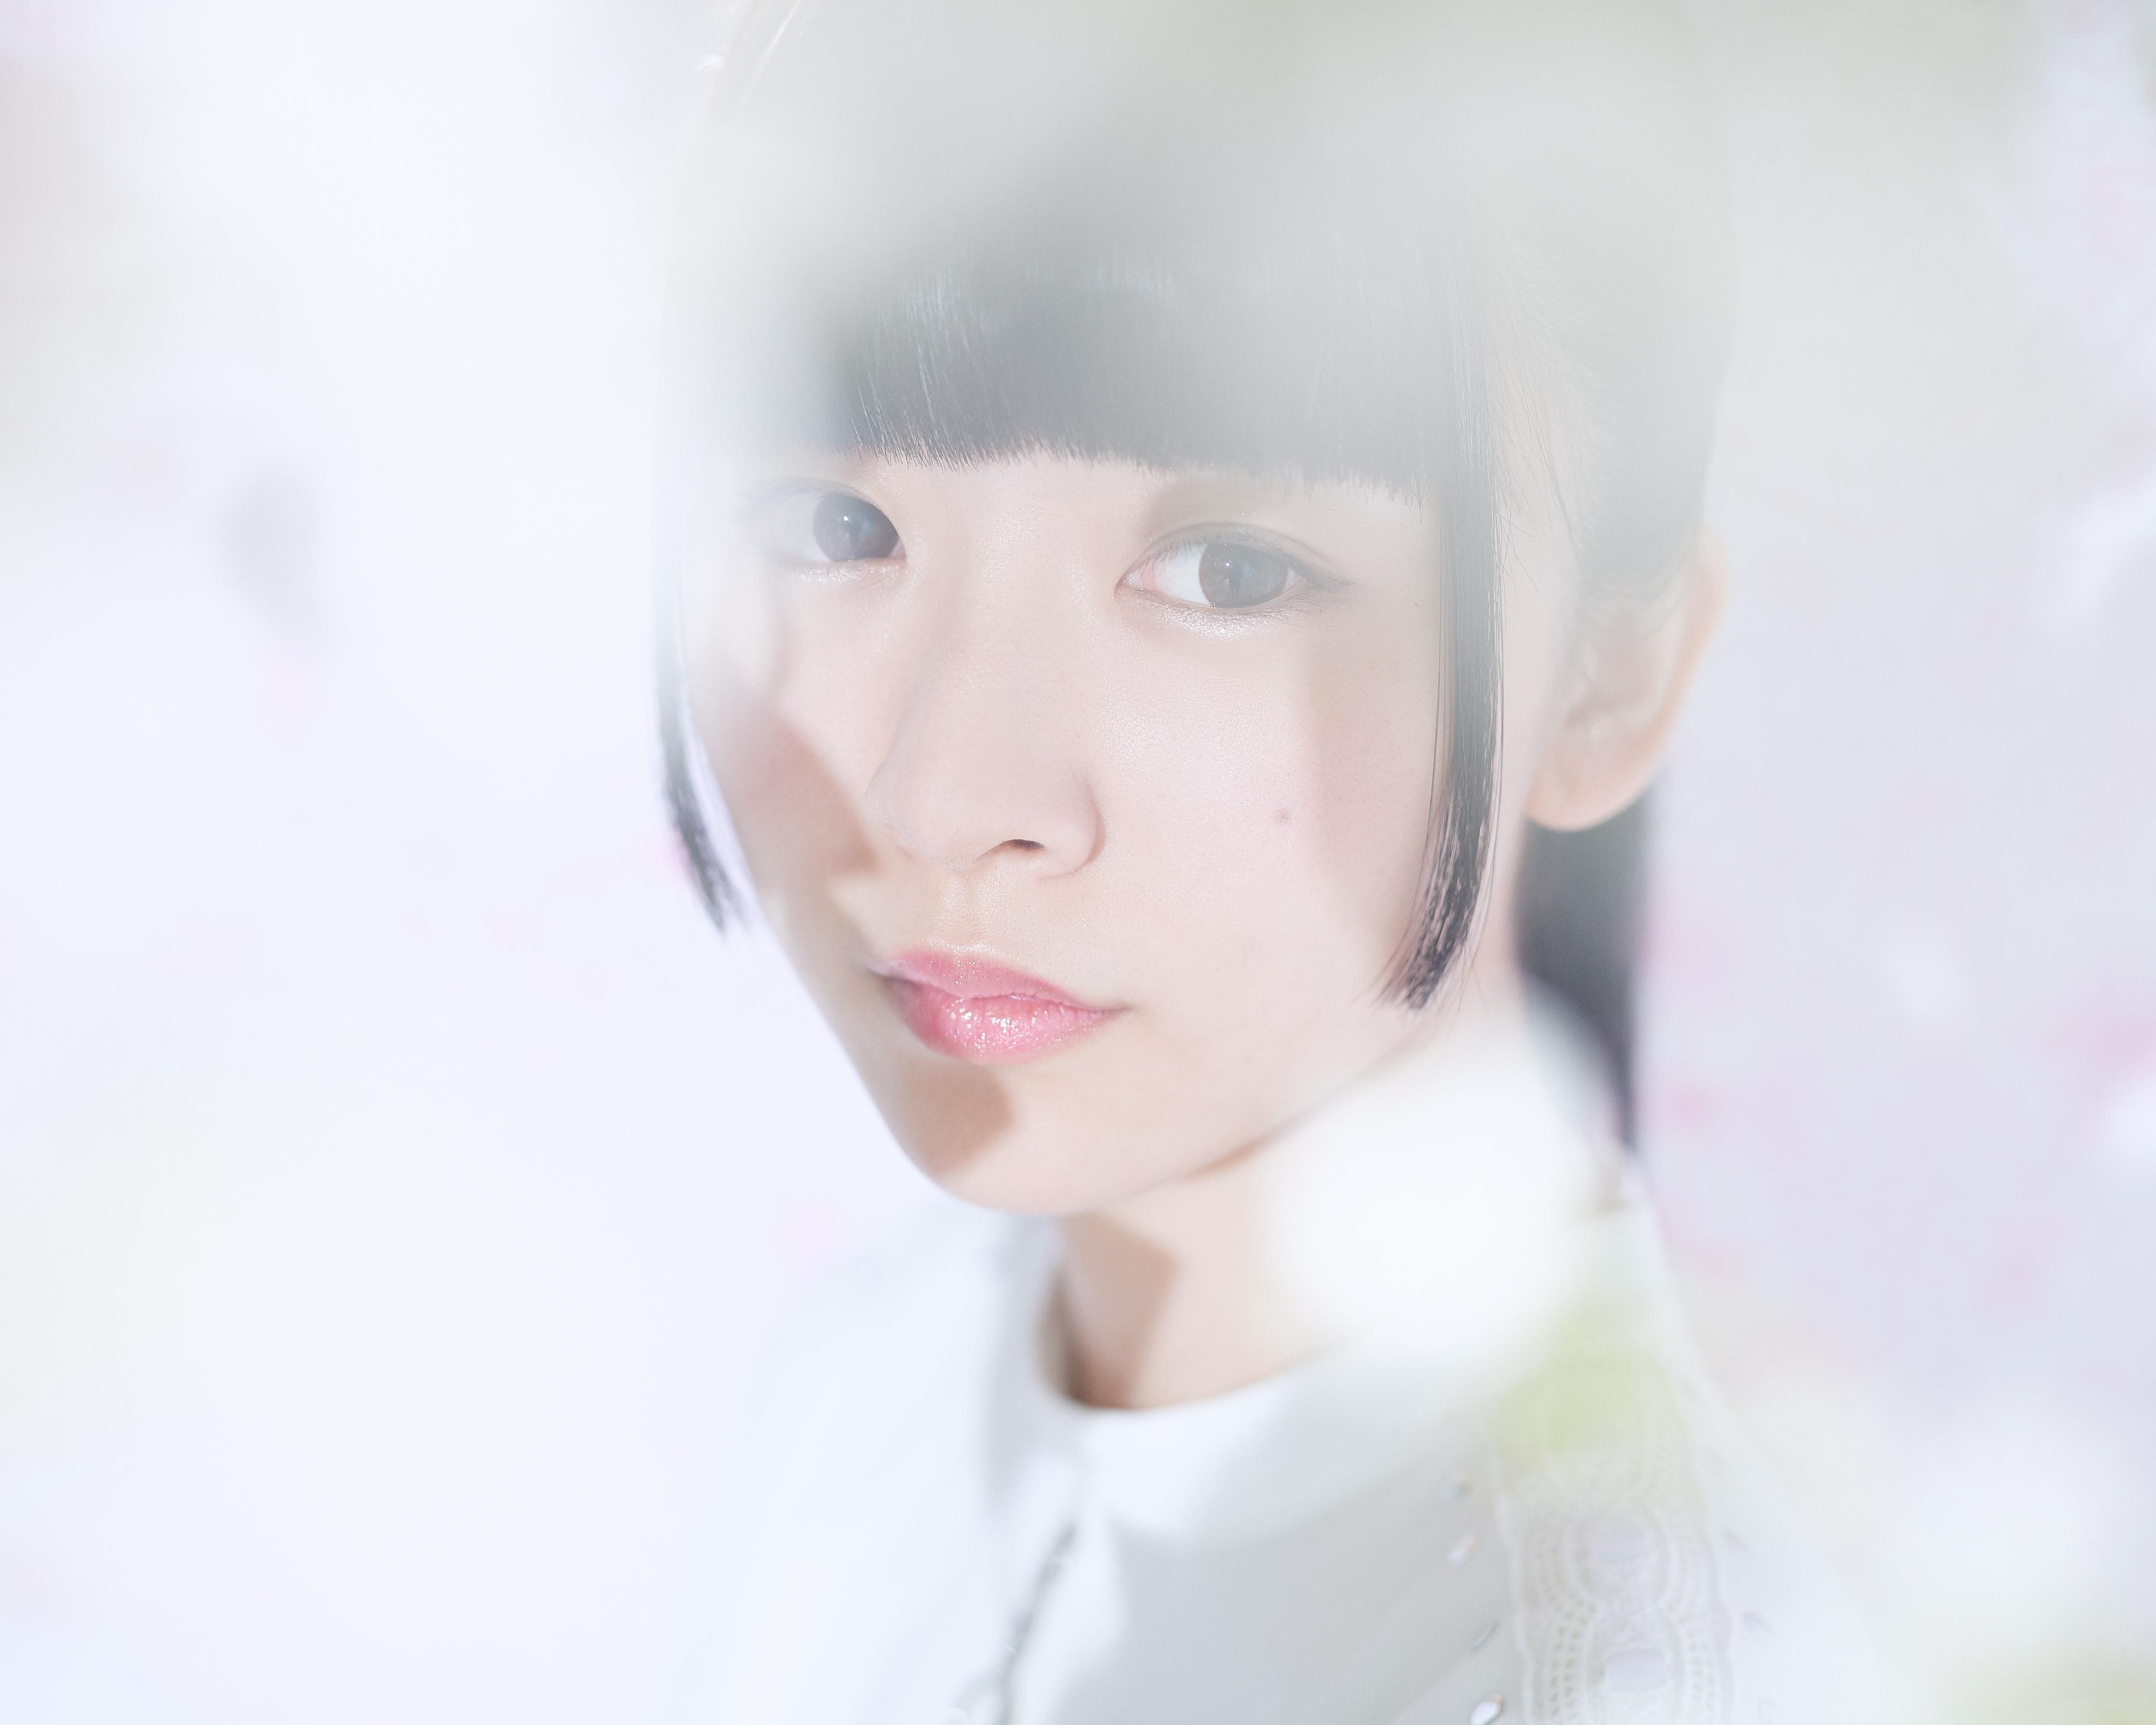 Hashimoto Mio